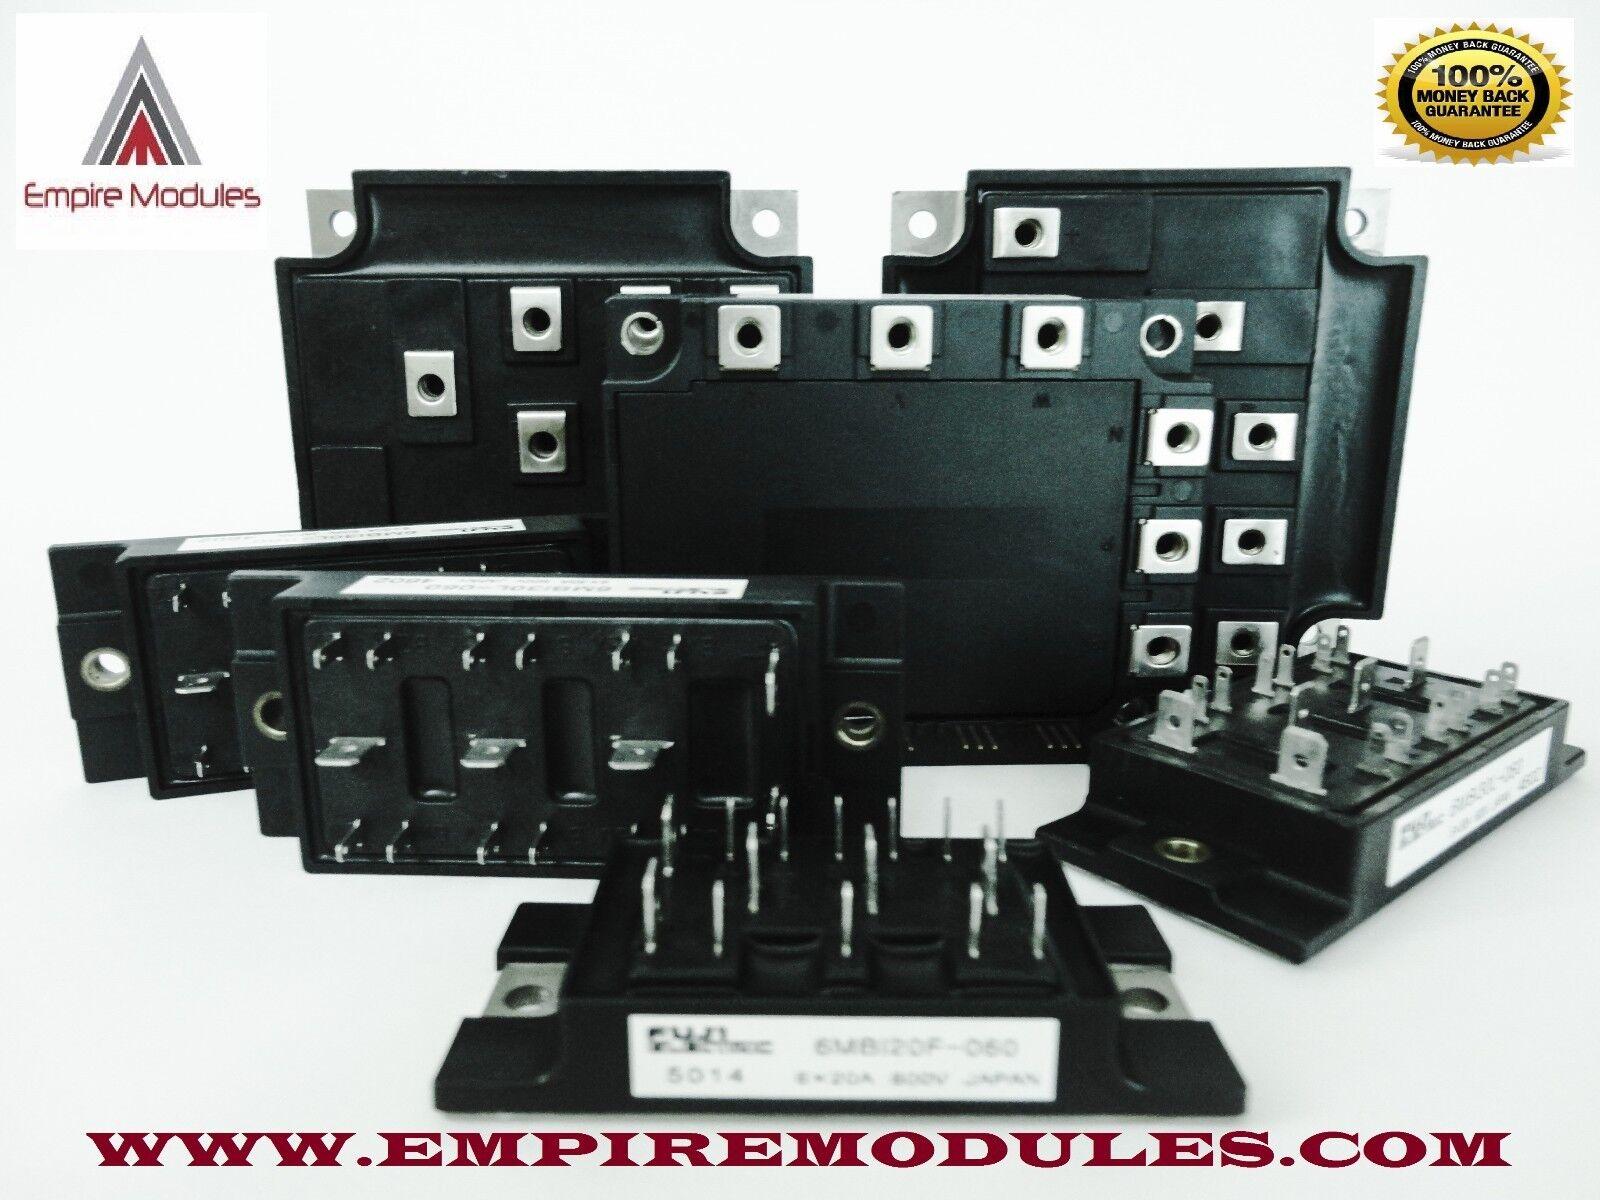 NEW MODULE 2MBI450VH-120-50 2MBI450VH120-50 FUJI MODULE ORIGINAL